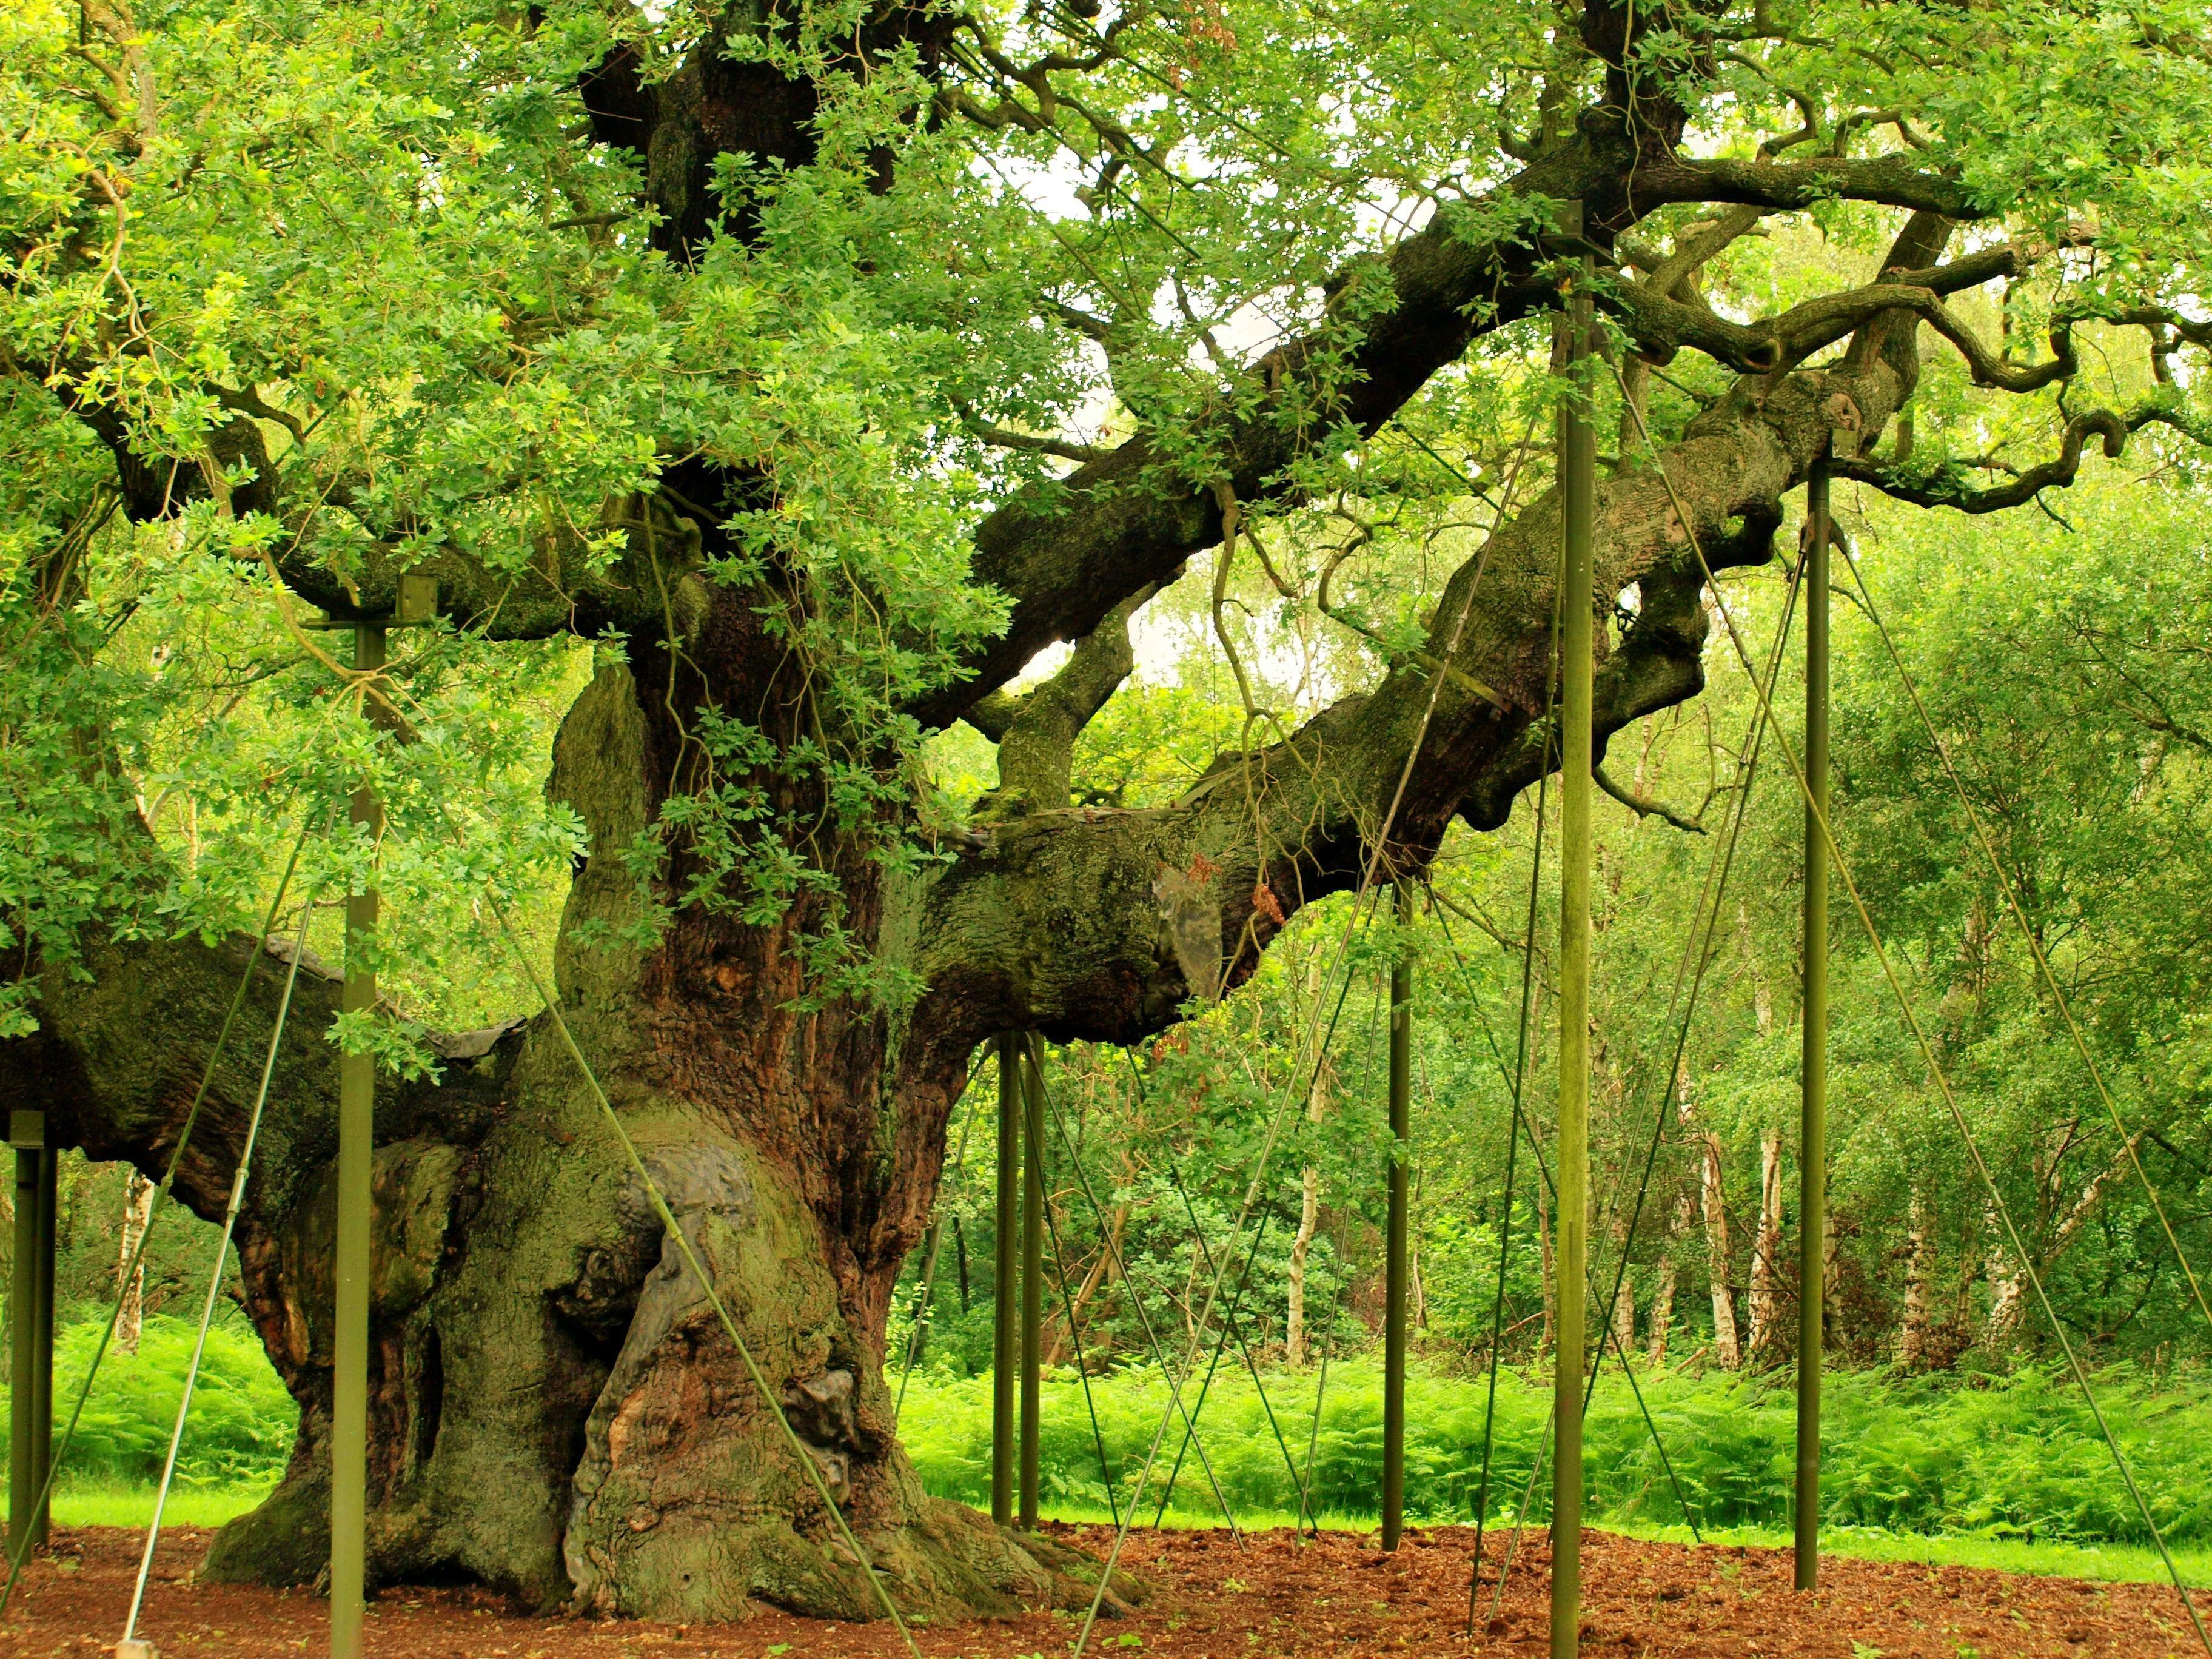 3648x2736 Nền Rừng Sherwood.  Hình nền rừng đẹp, Hình nền rừng tuyệt vời và Hình nền rừng mùa thu